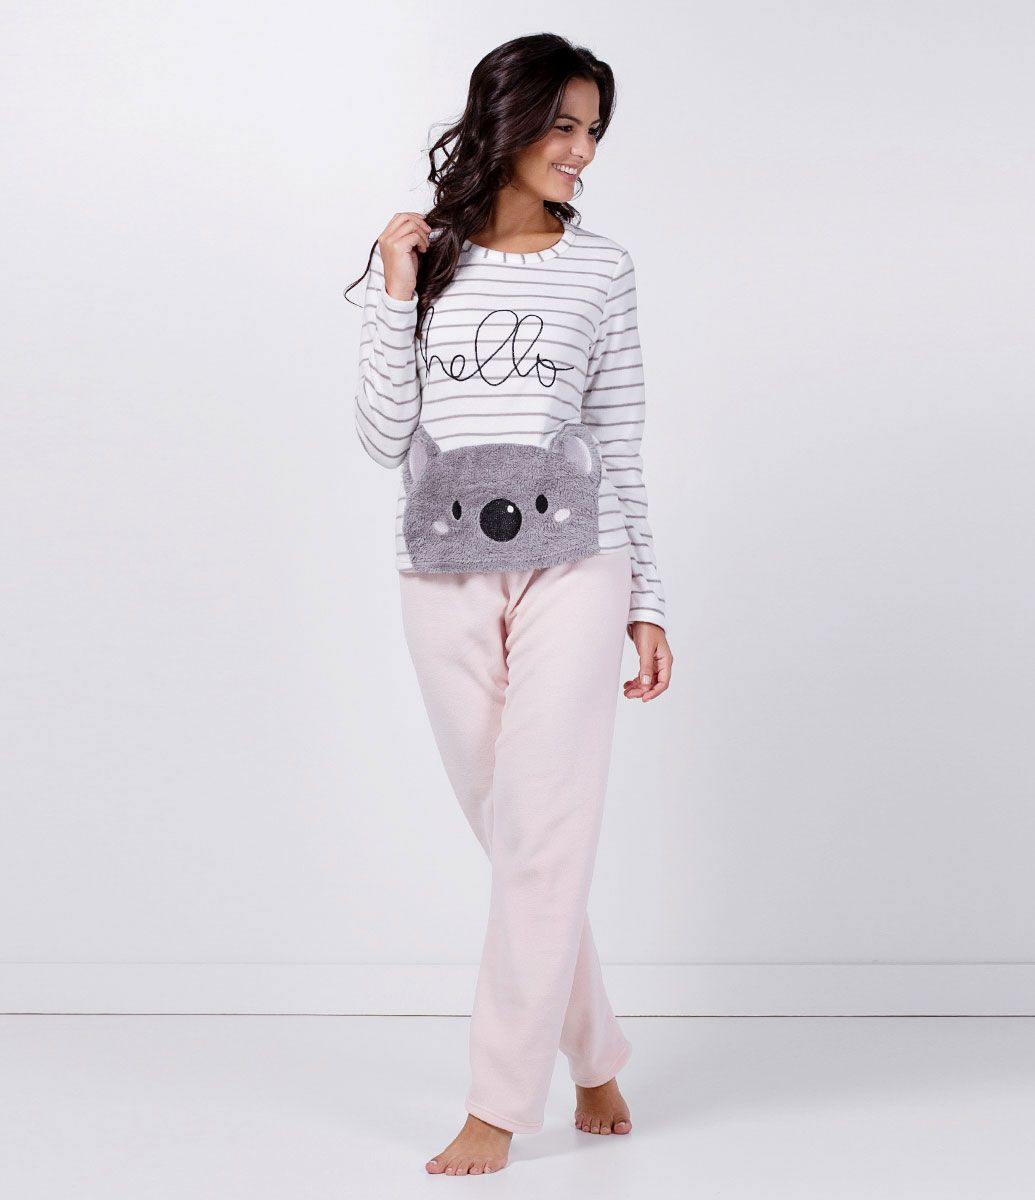 6a6fd40f3 Pijama feminino Manga longa Com estampa de Coalas Listrado Marca: Lov  Tecido: fleece Composição: 100% poliéster Modelo veste tamanho: P Medidas  da Modelo: ...